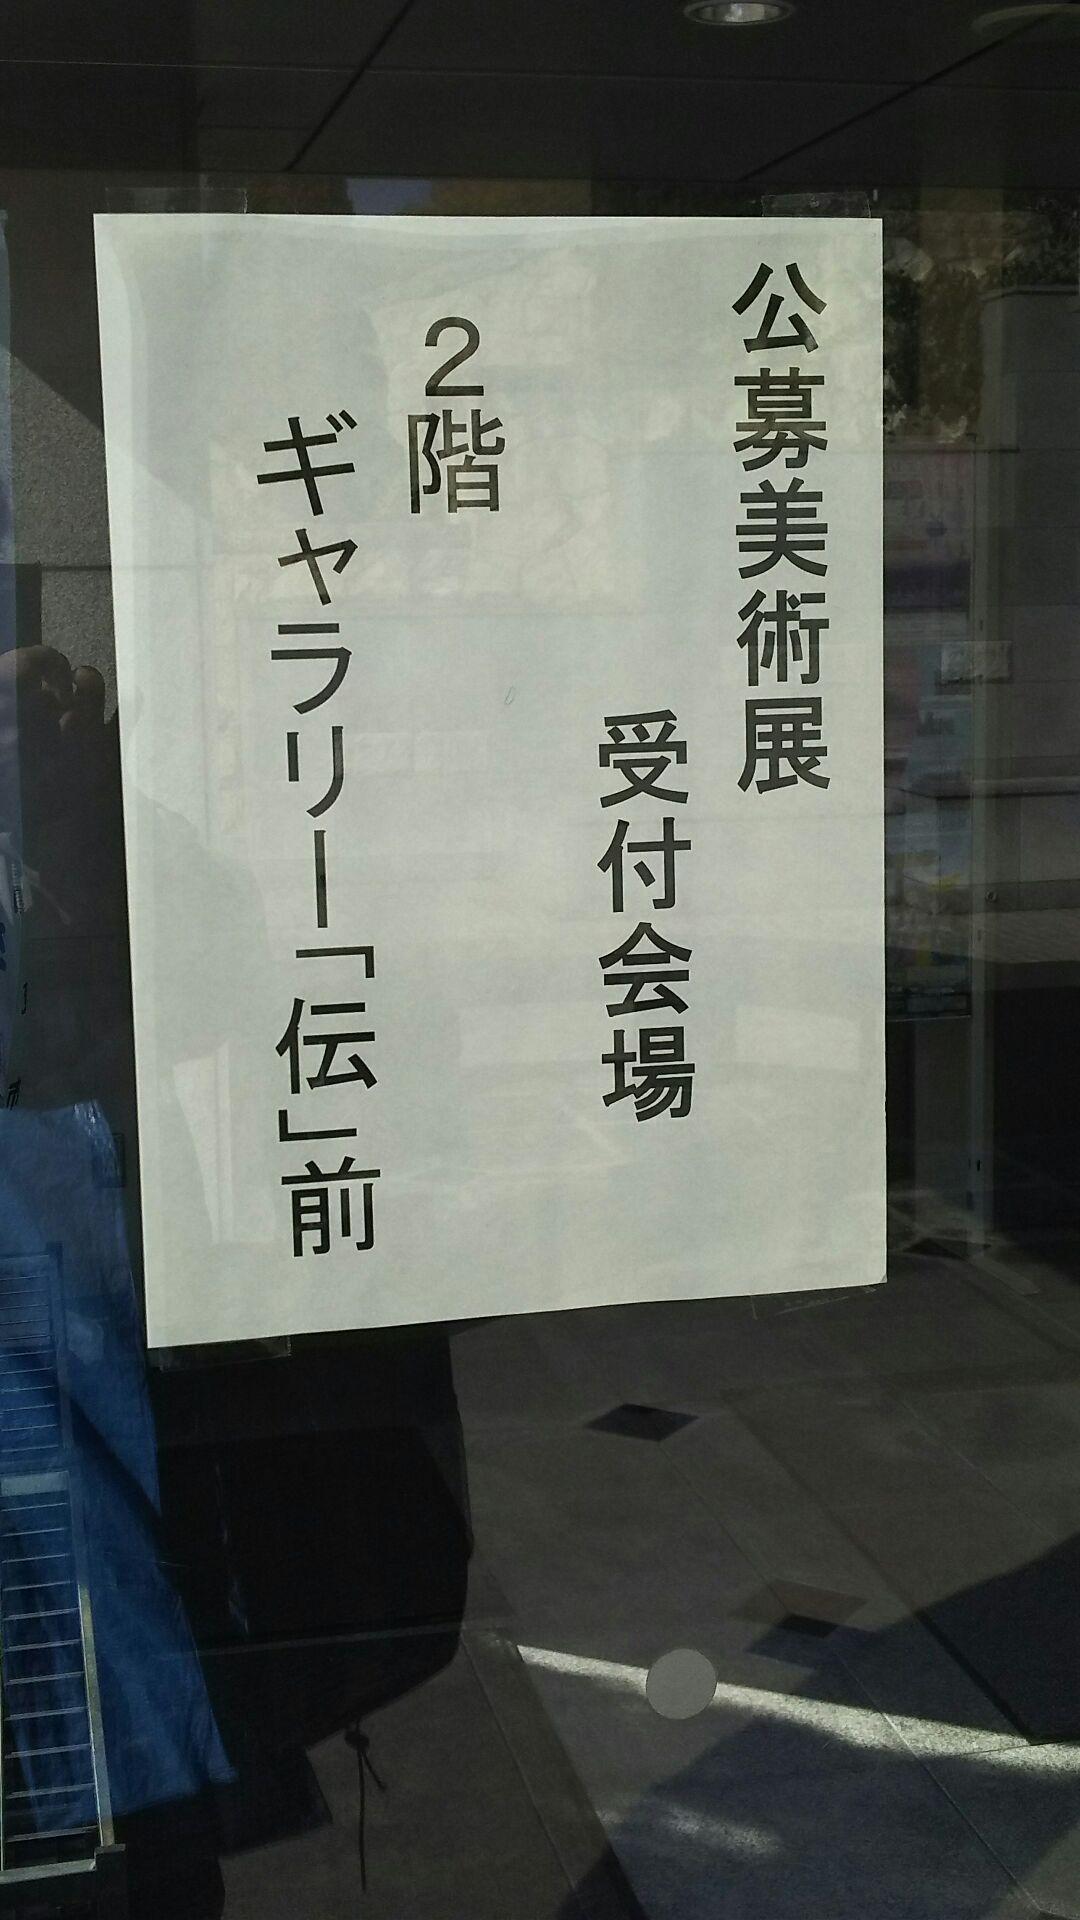 加東市公募美術展(加東市展)入選_a0288226_1554630.jpg